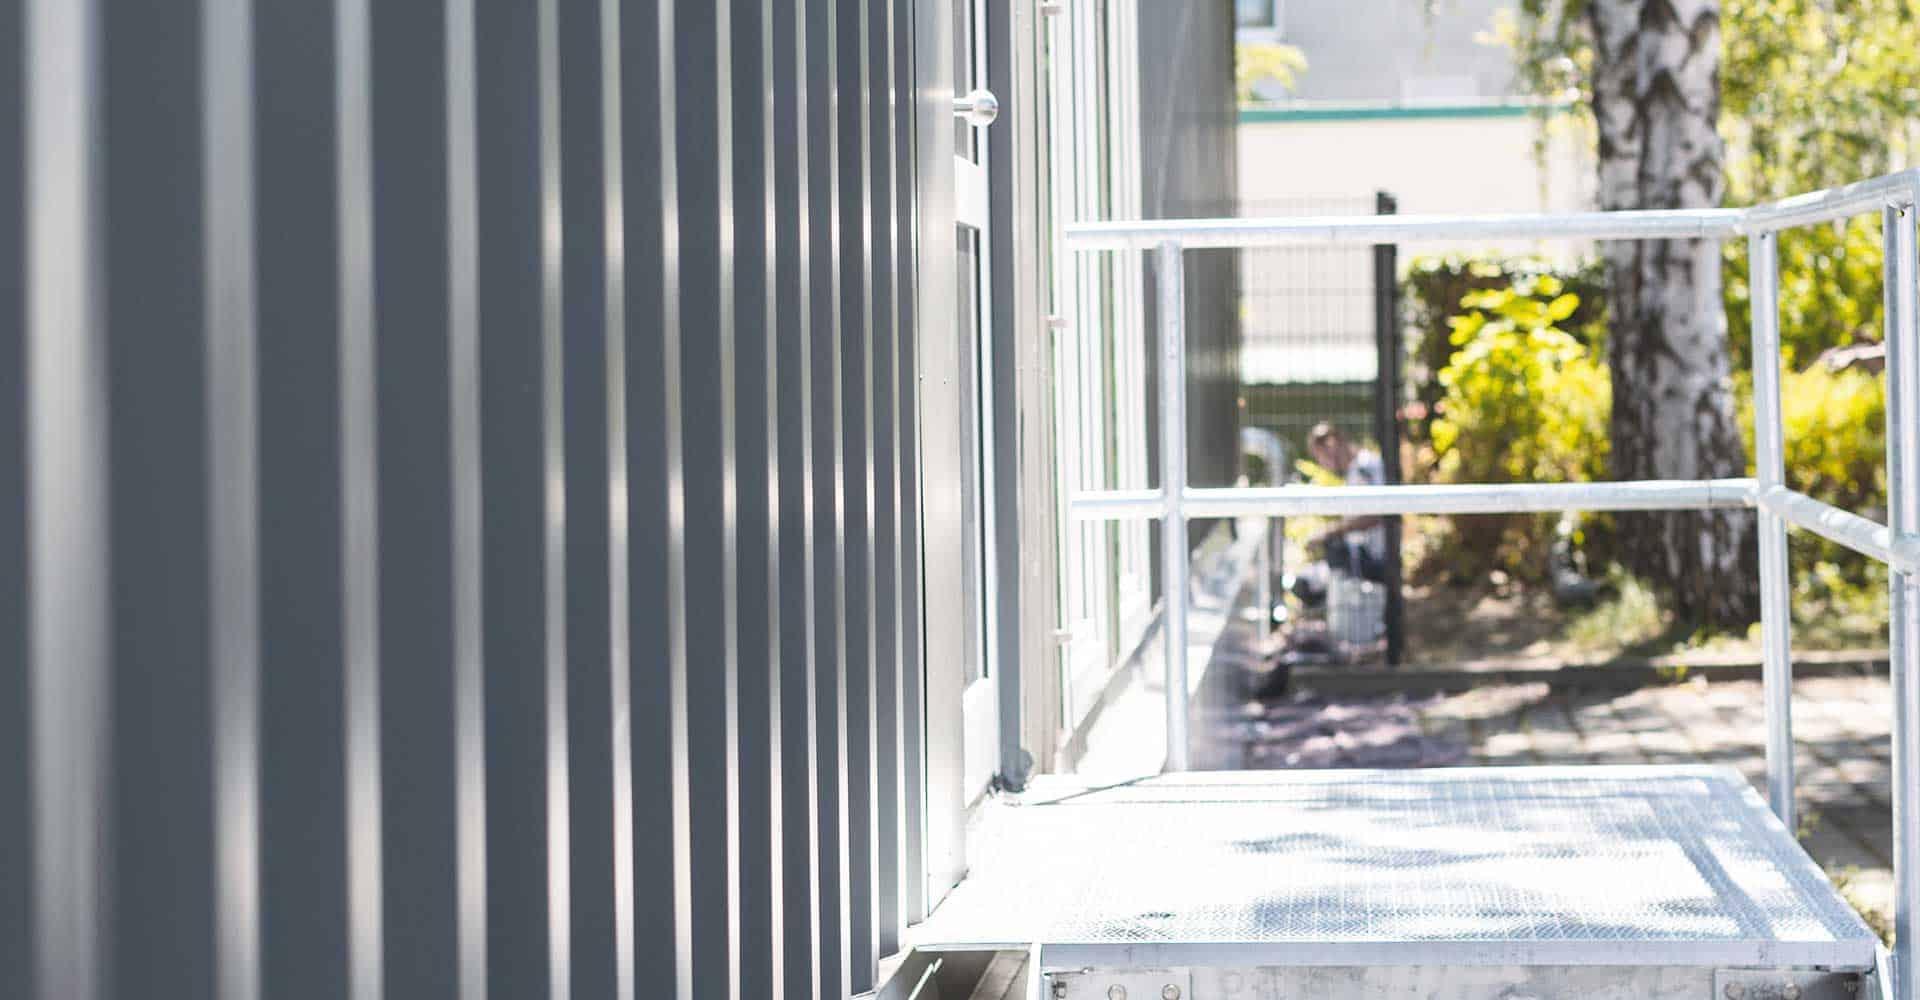 Nationales Centrum für Tumorerkrankungen, NCT, Uniklinikum, Dresden, Krebsforschung, Therapie, MRT, Magnetresonanztomographie, SIEMENS, Seecontainer, 300 qm